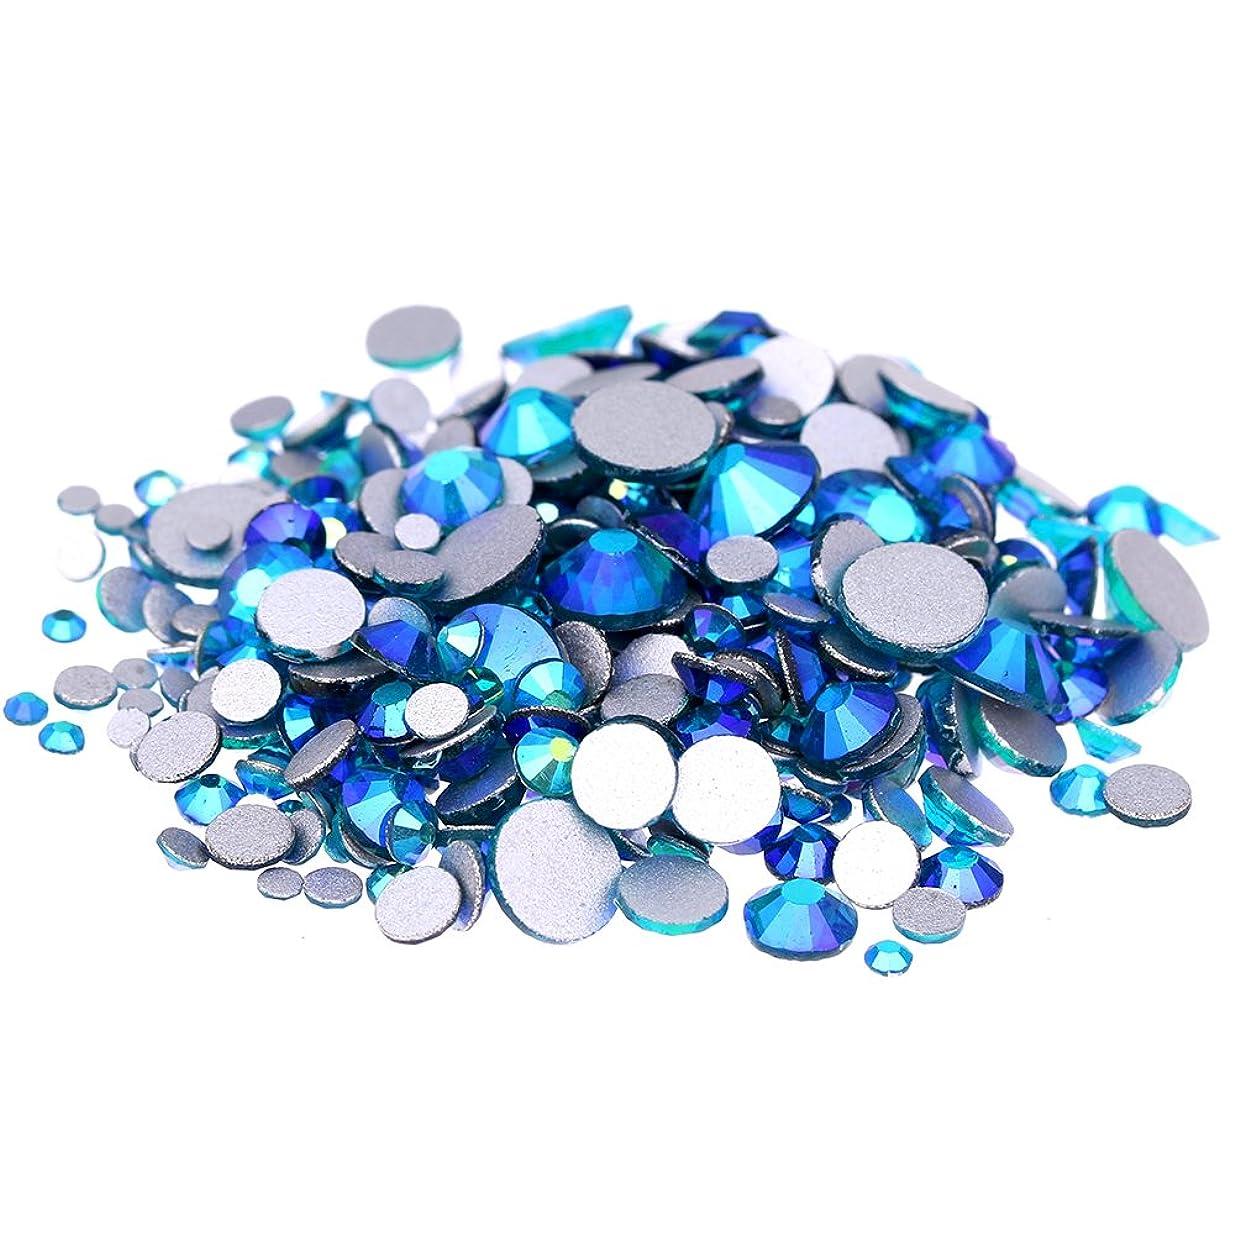 かける調停する押し下げるNizi ジュエリー ブランド ブルージルコンオーロラ ラインストーン は ガラスの材質 ネイル使用 型番ss3-ss30 (SS16 1440pcs)